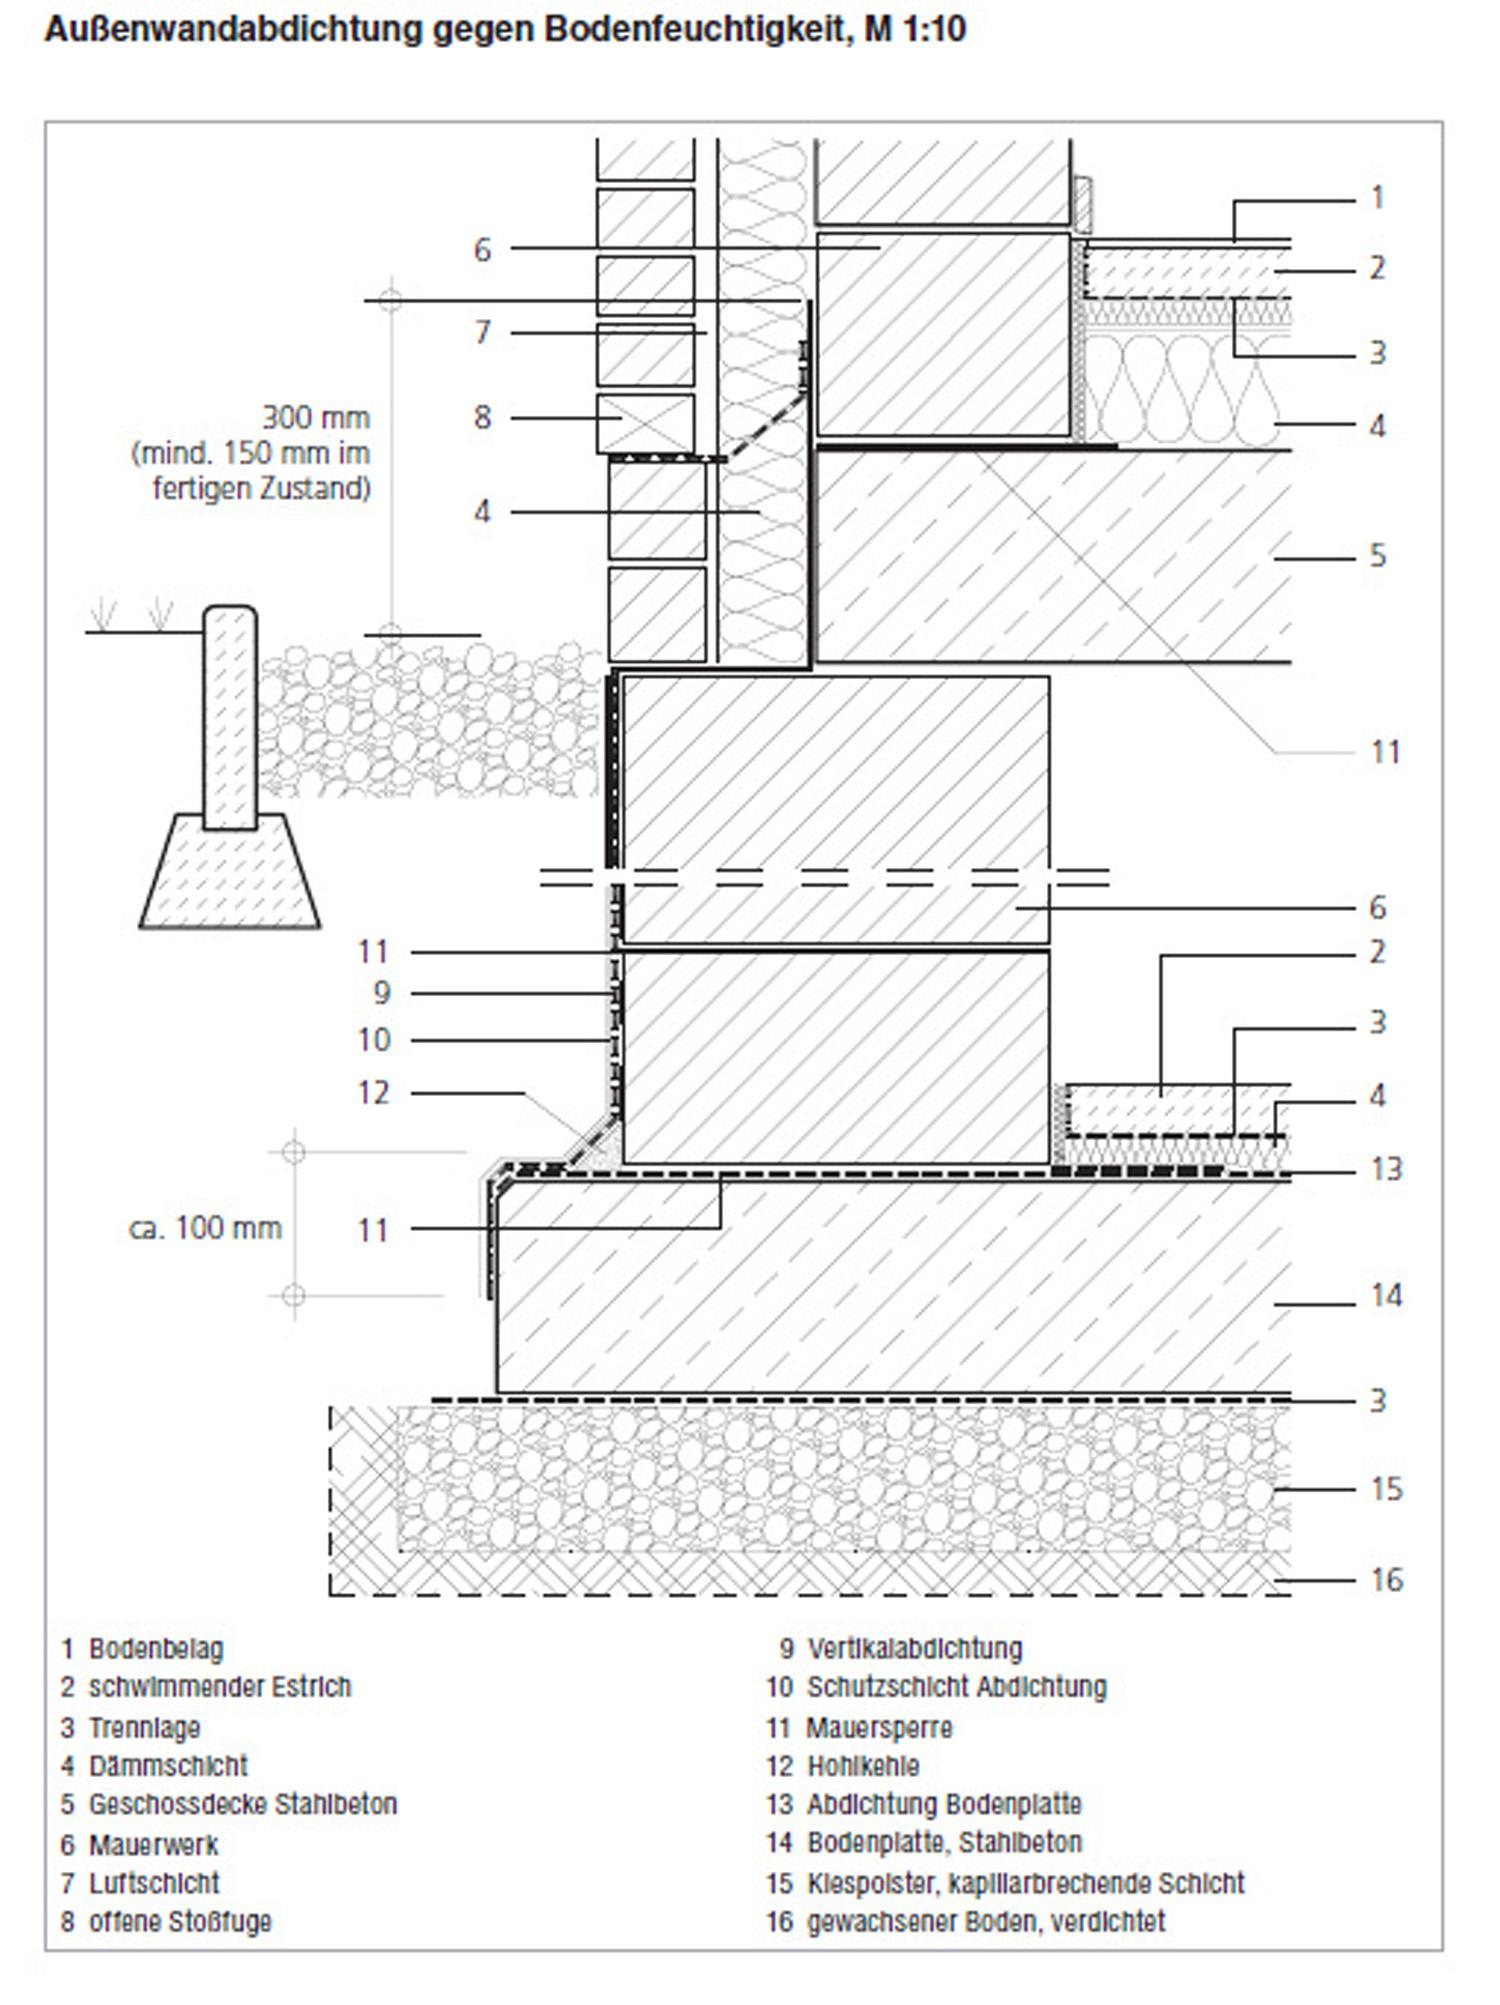 erfolgreiche bauwerksabdichtung medienservice architektur und bauwesen. Black Bedroom Furniture Sets. Home Design Ideas